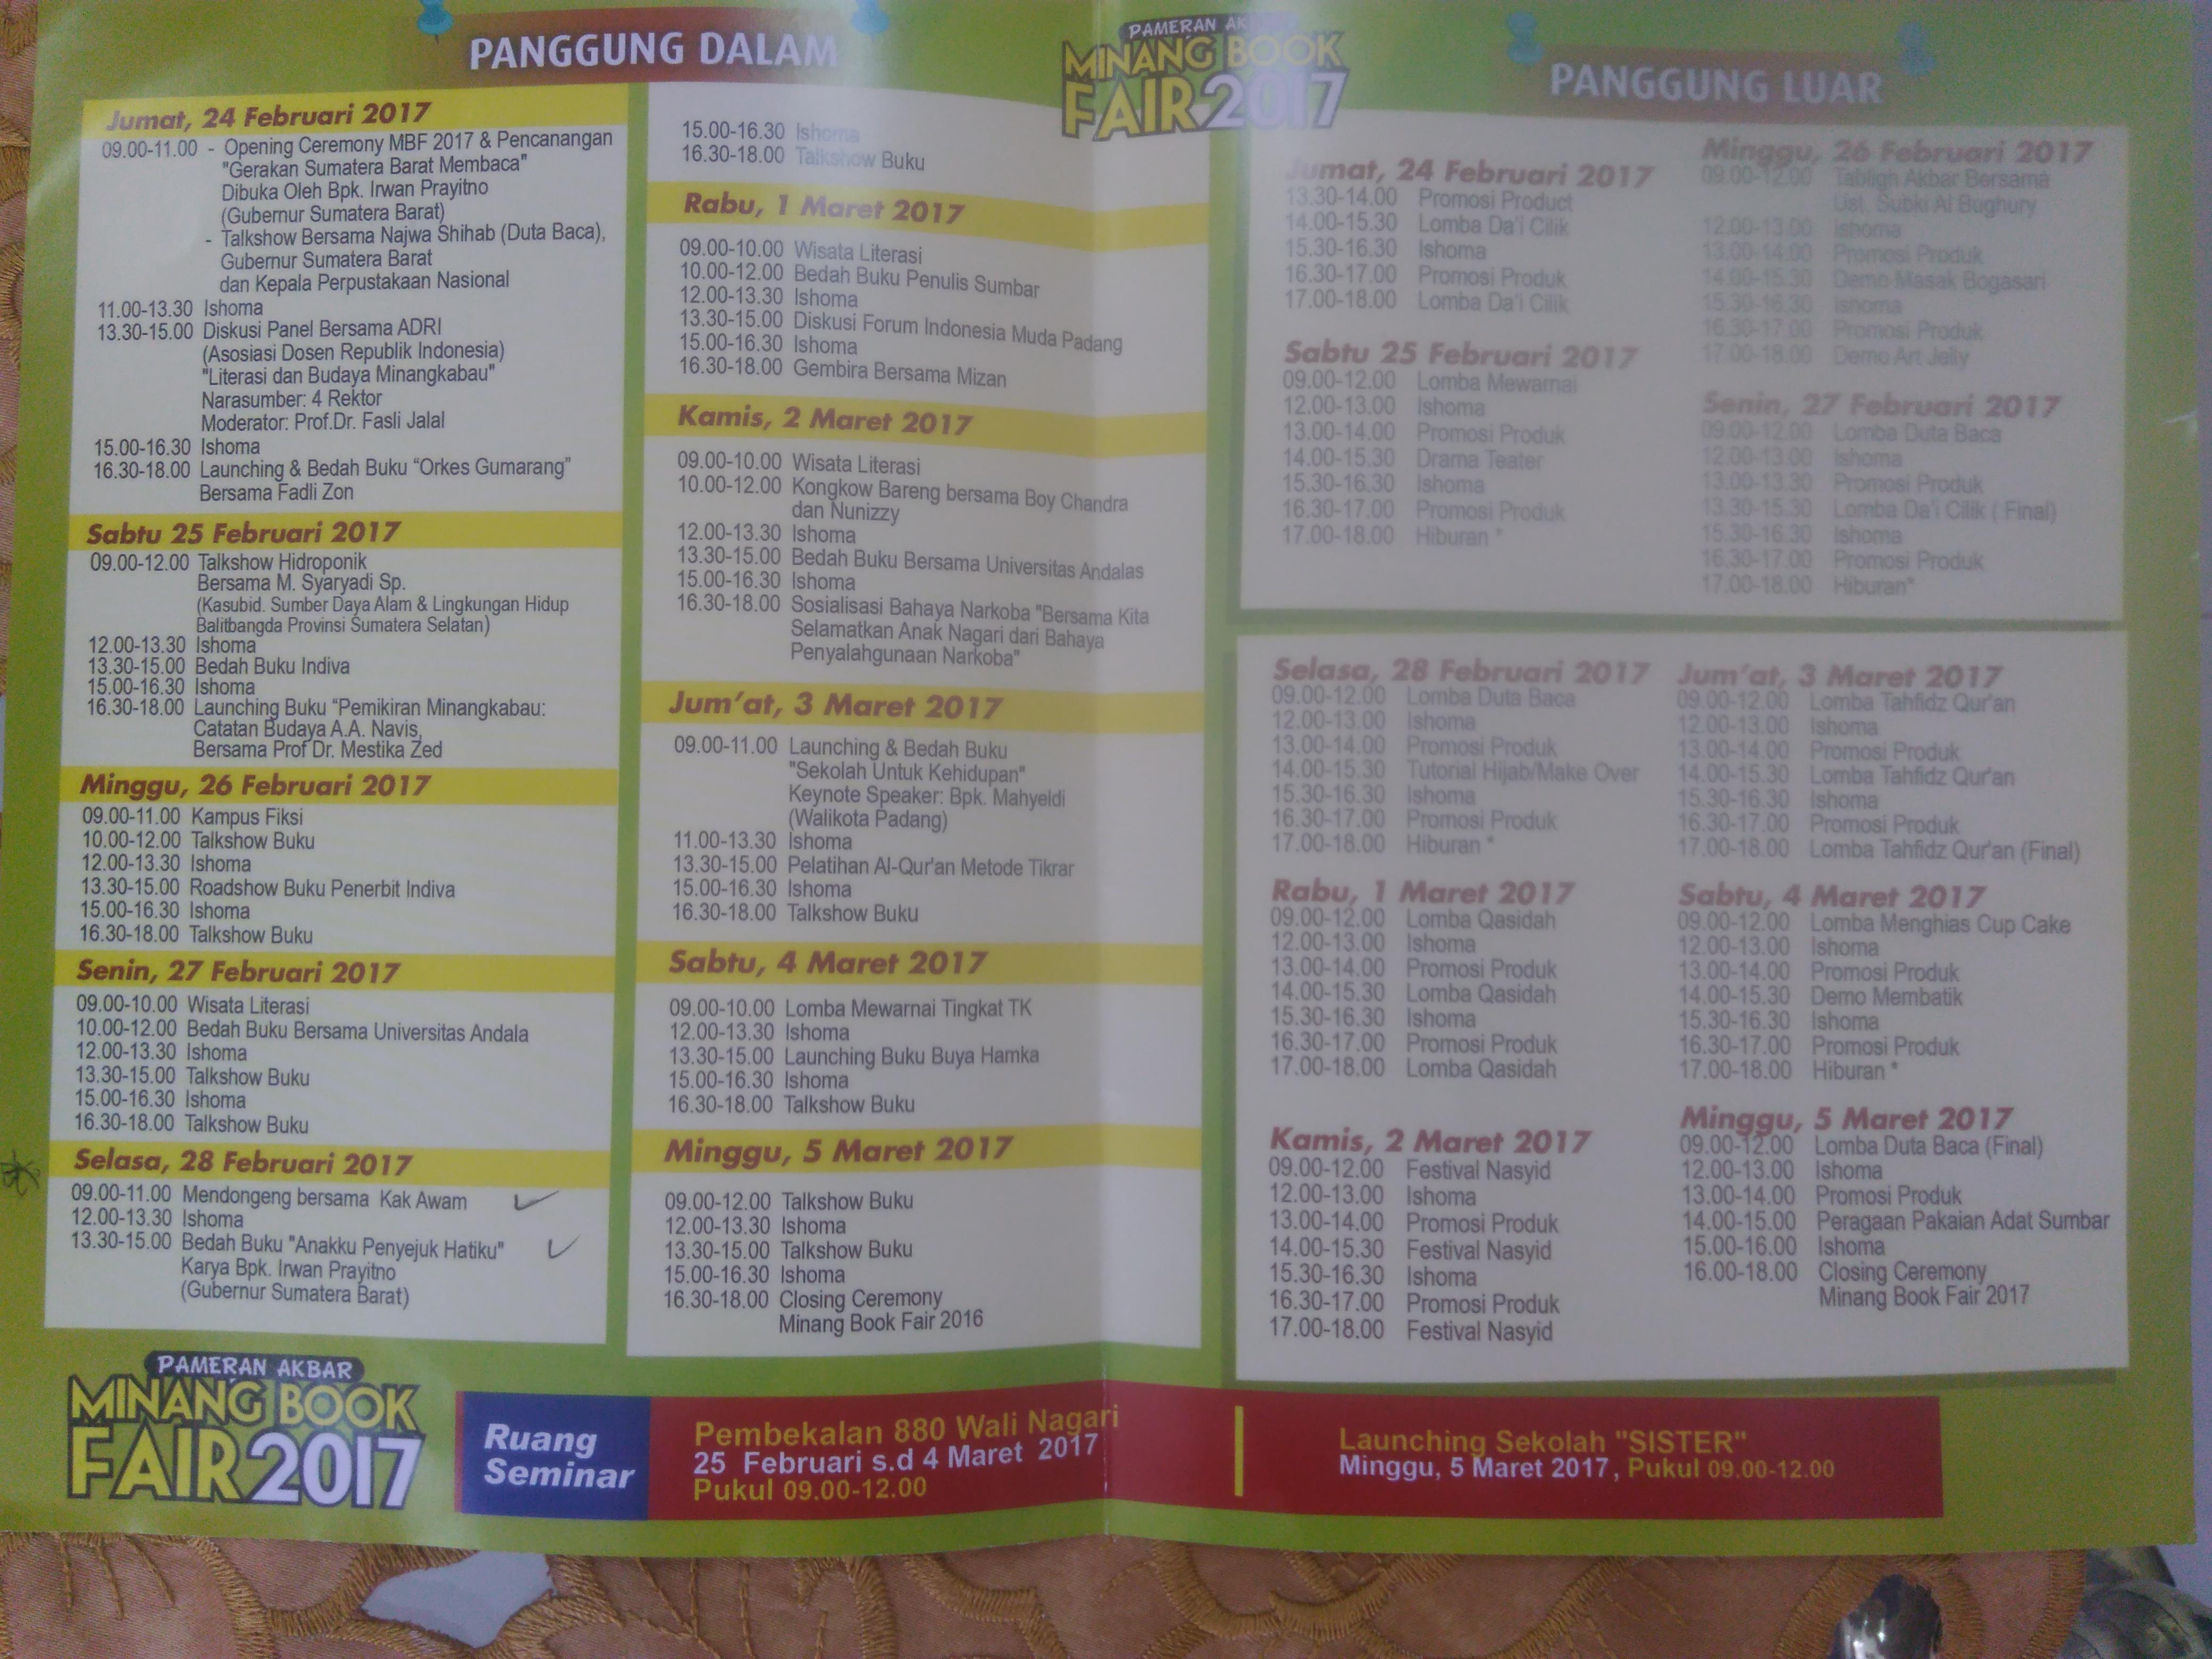 Jadwal Kegiatan Minang Book Fair 2017